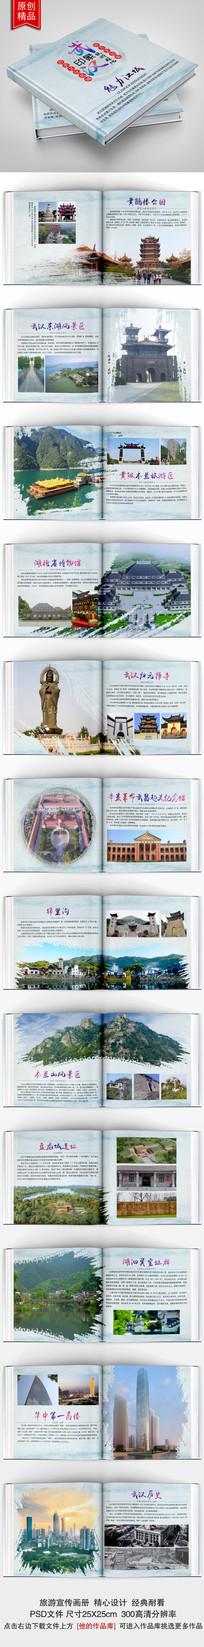 经典中国风武汉印象旅游画册